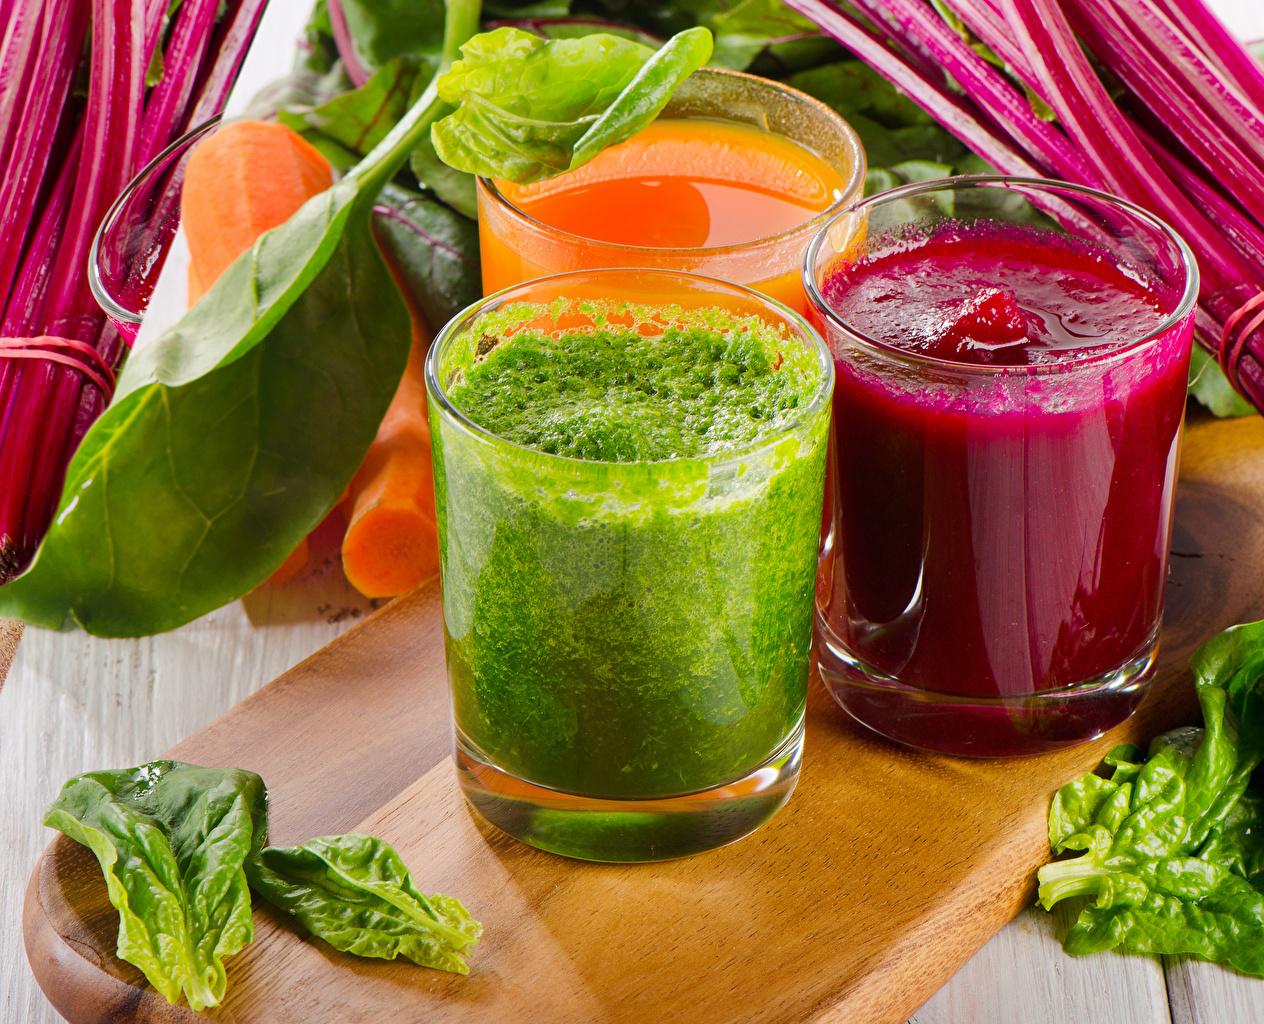 Картинка Овощи стакане Еда три Смузи Стакан стакана Пища Трое 3 втроем Продукты питания